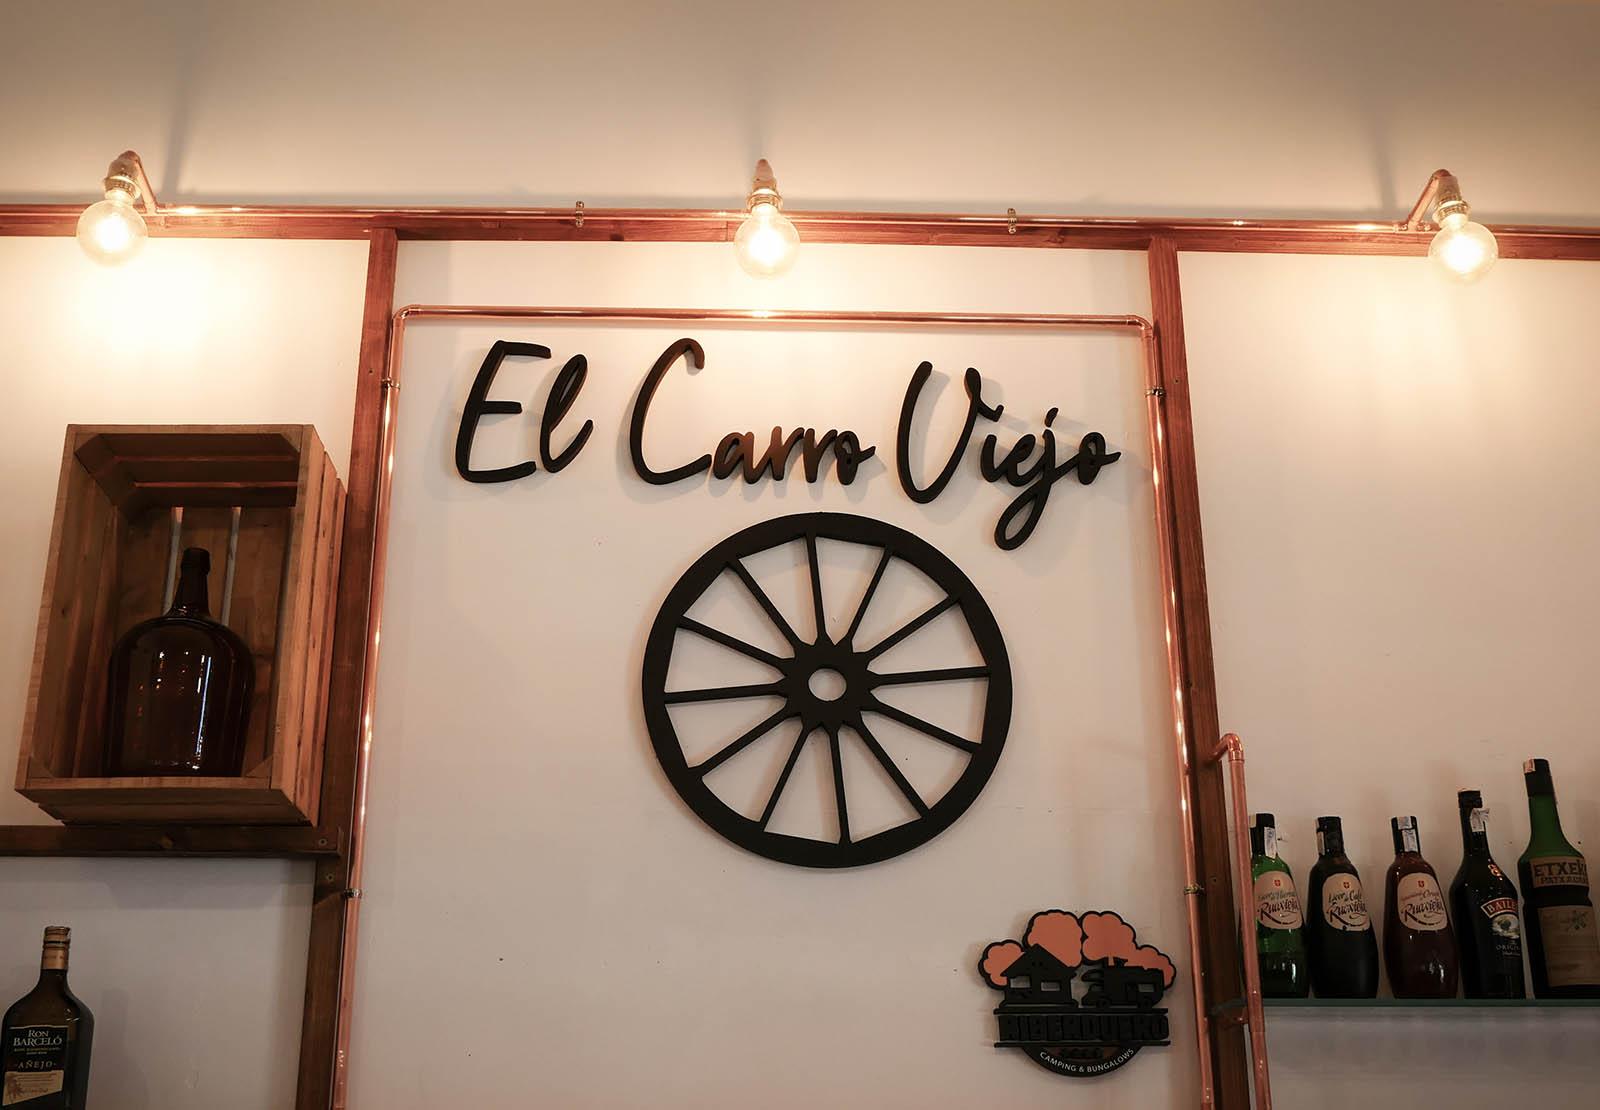 Restaurante, camping, peñafiel, valladolid, carro viejo